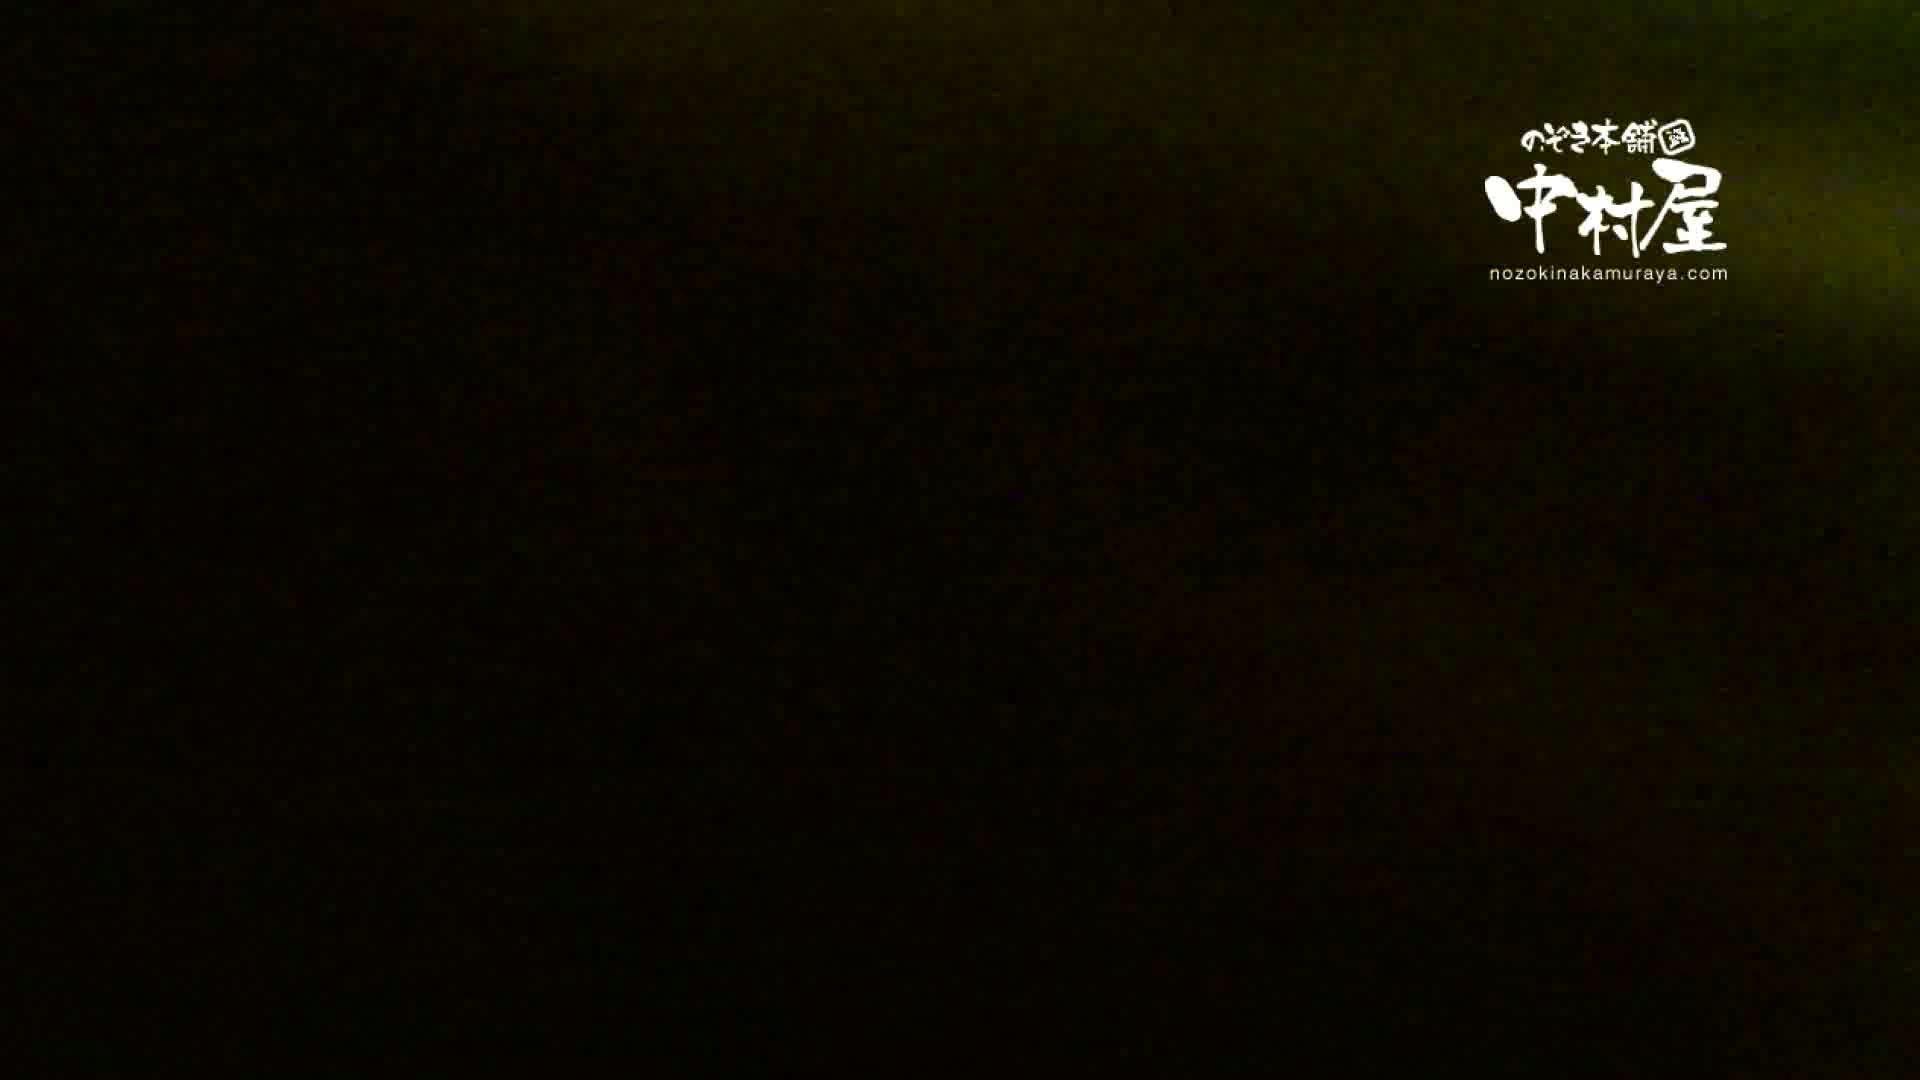 鬼畜 vol.17 中に出さないでください(アニメ声で懇願) 後編 美しいOLの裸体  69pic 2